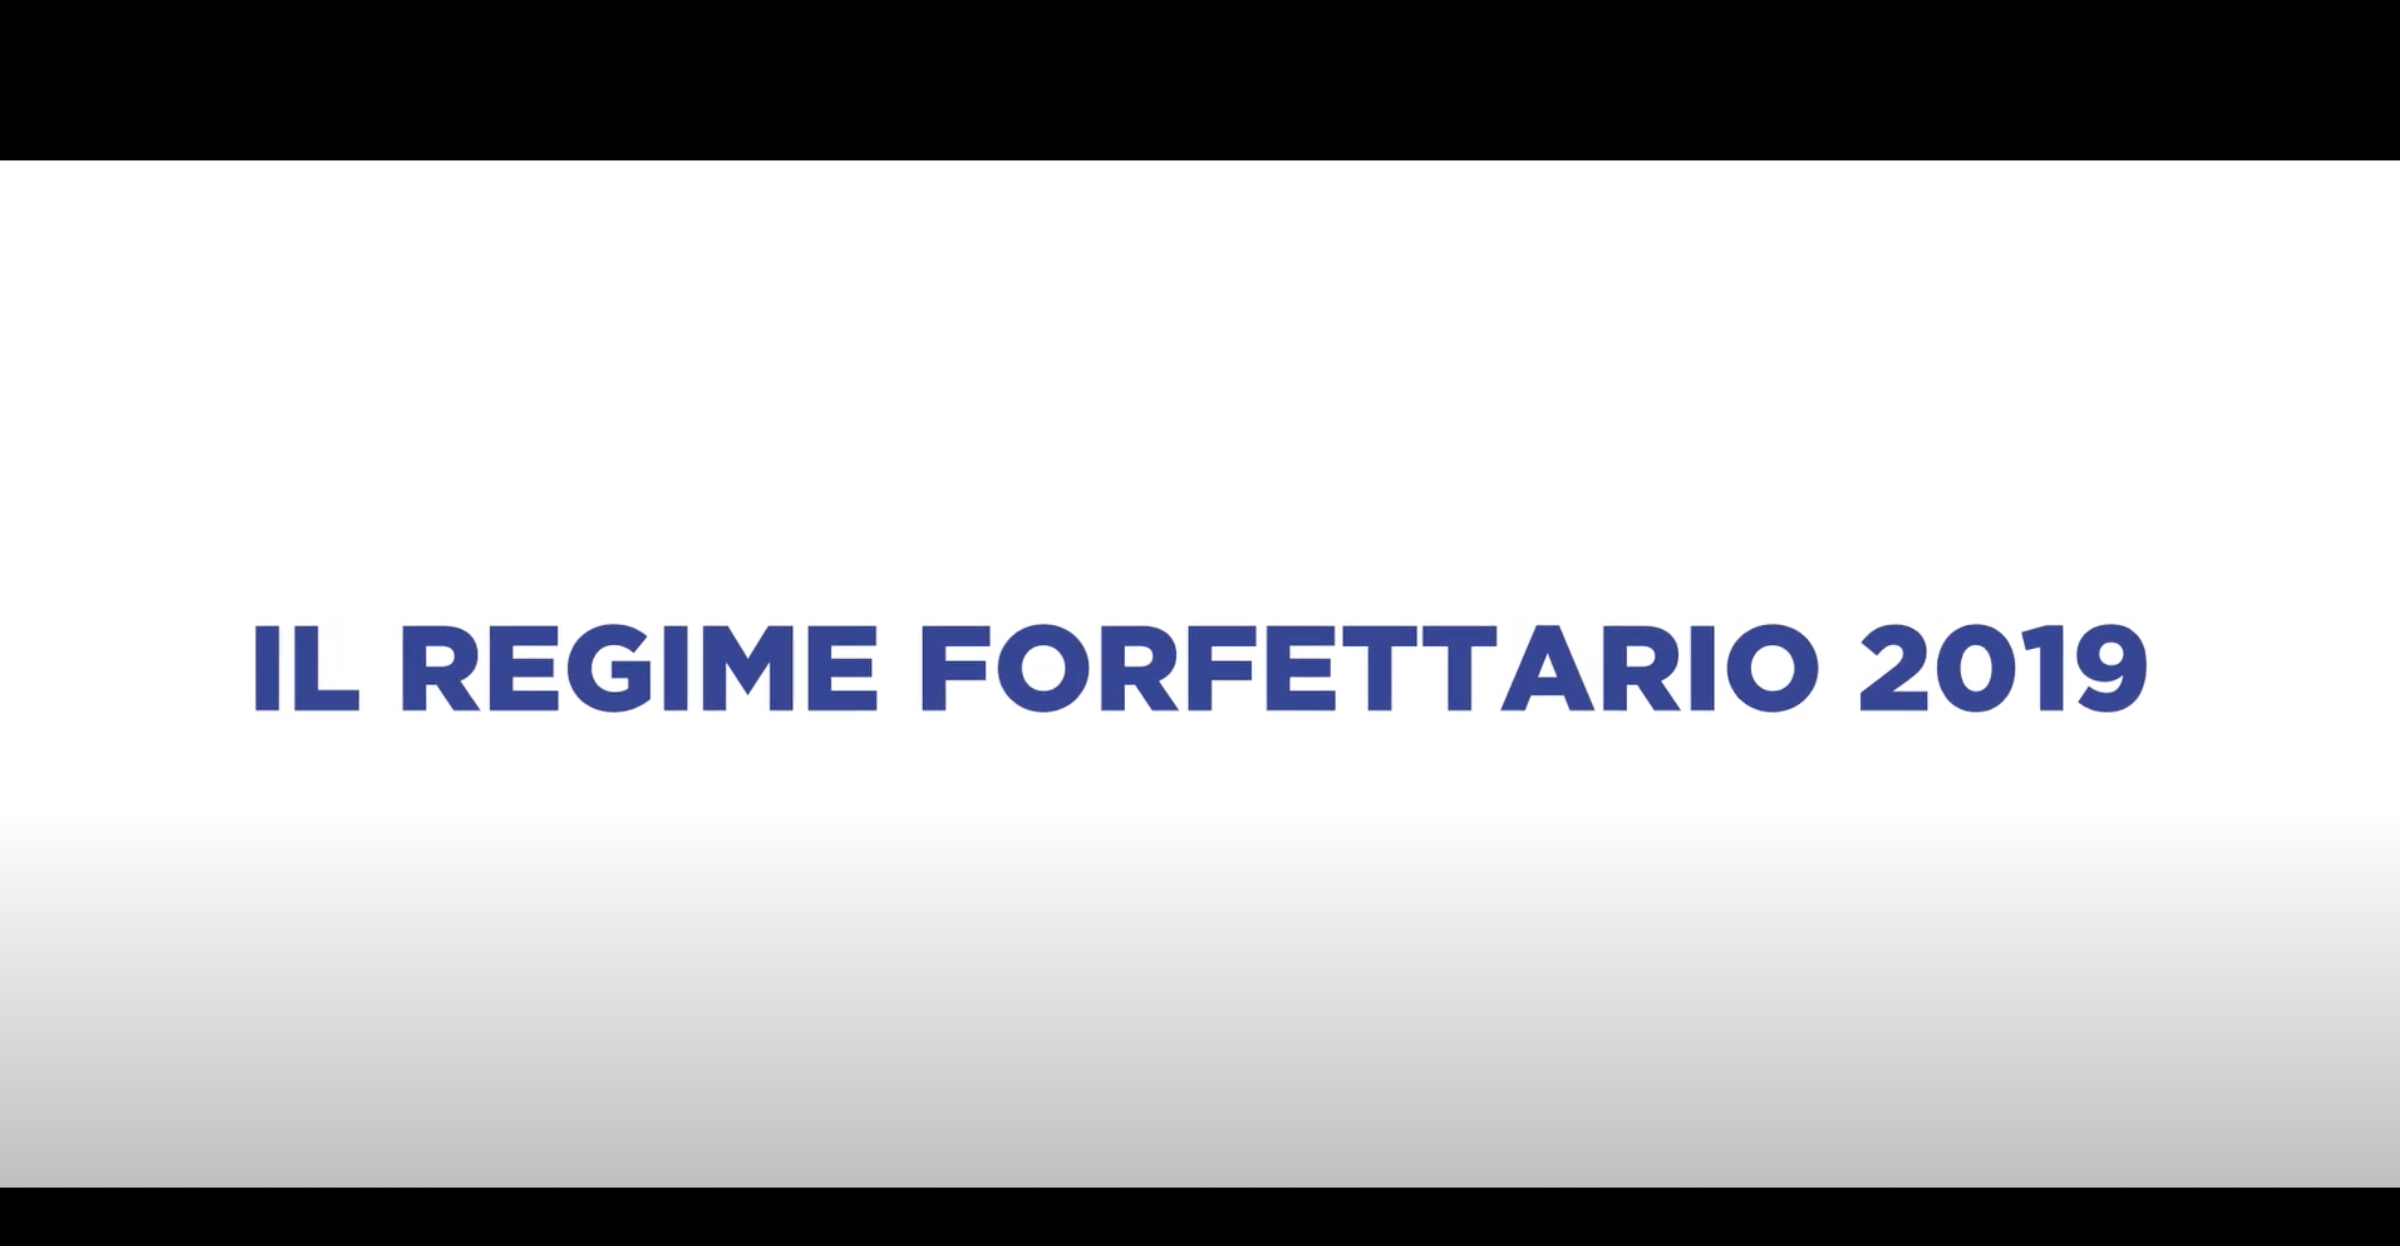 IL REGIME FORFETTARIO 2019